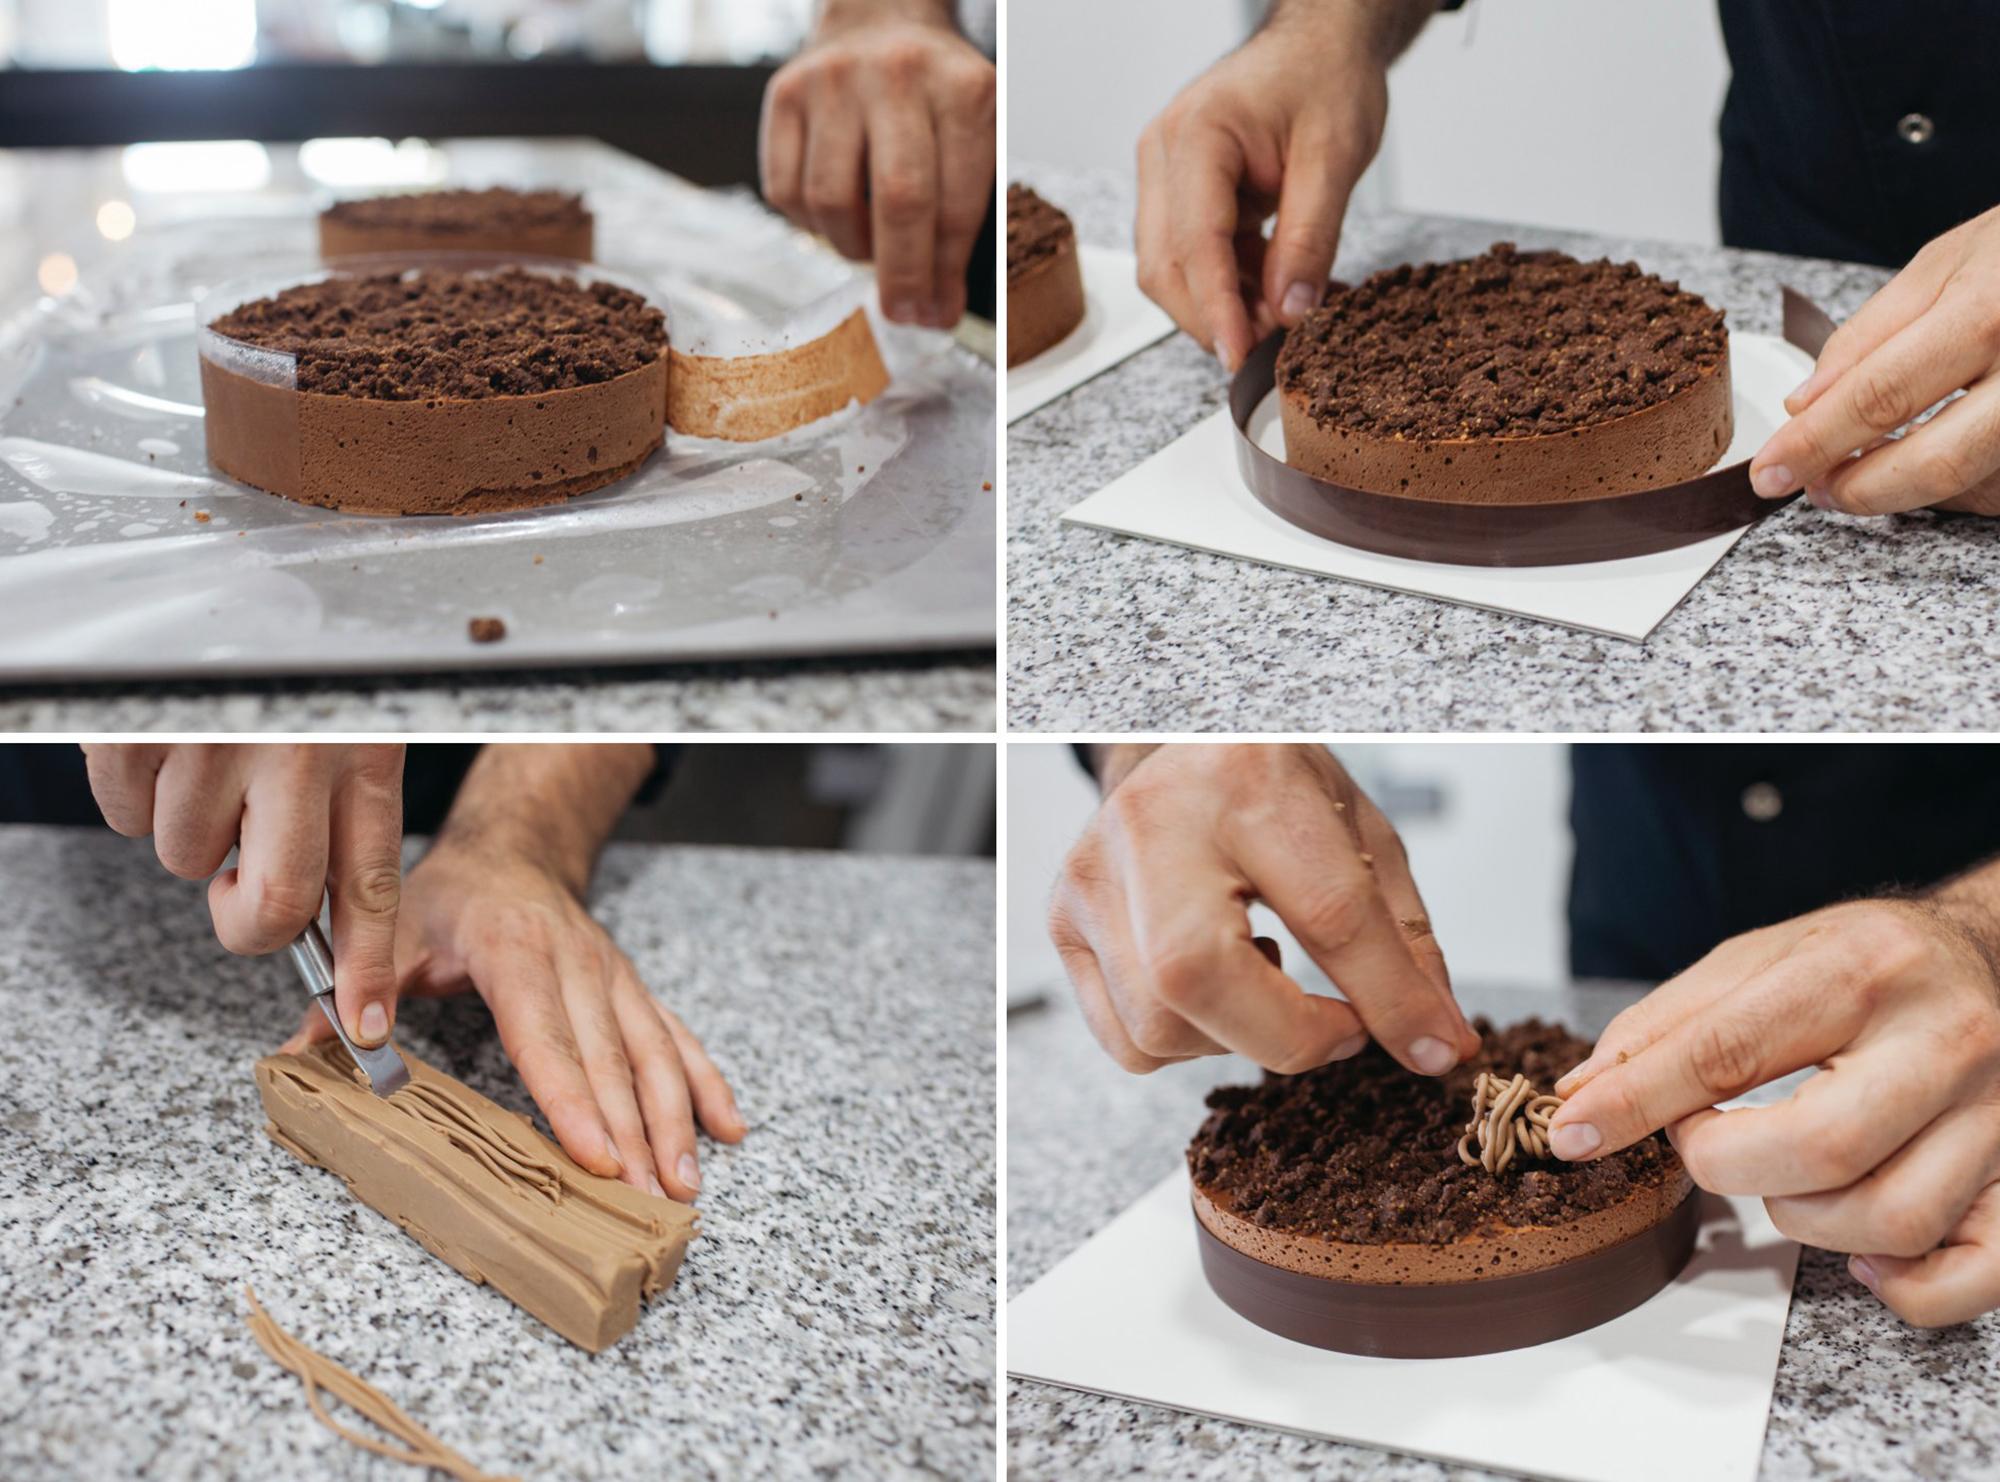 El brownie, el mousse y la galleta aportan tres texturas muy atractivas a la tarta.